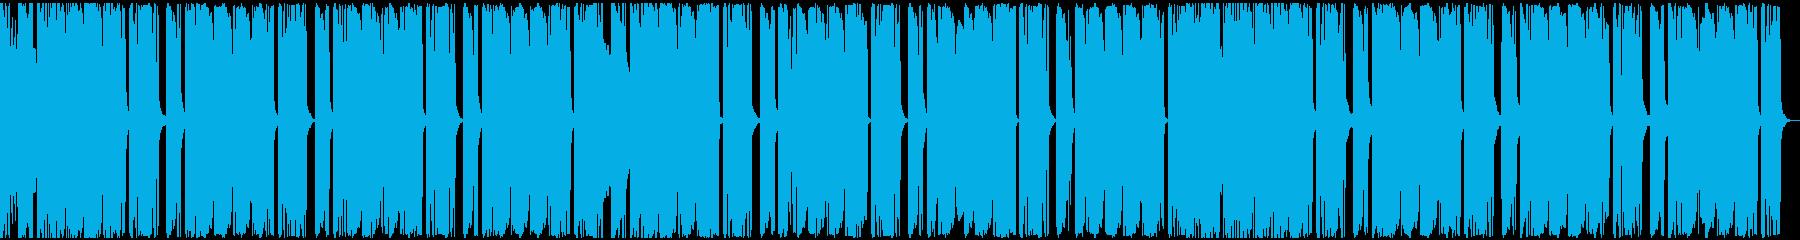 【アンビエント】ロング2、ミディアム1の再生済みの波形